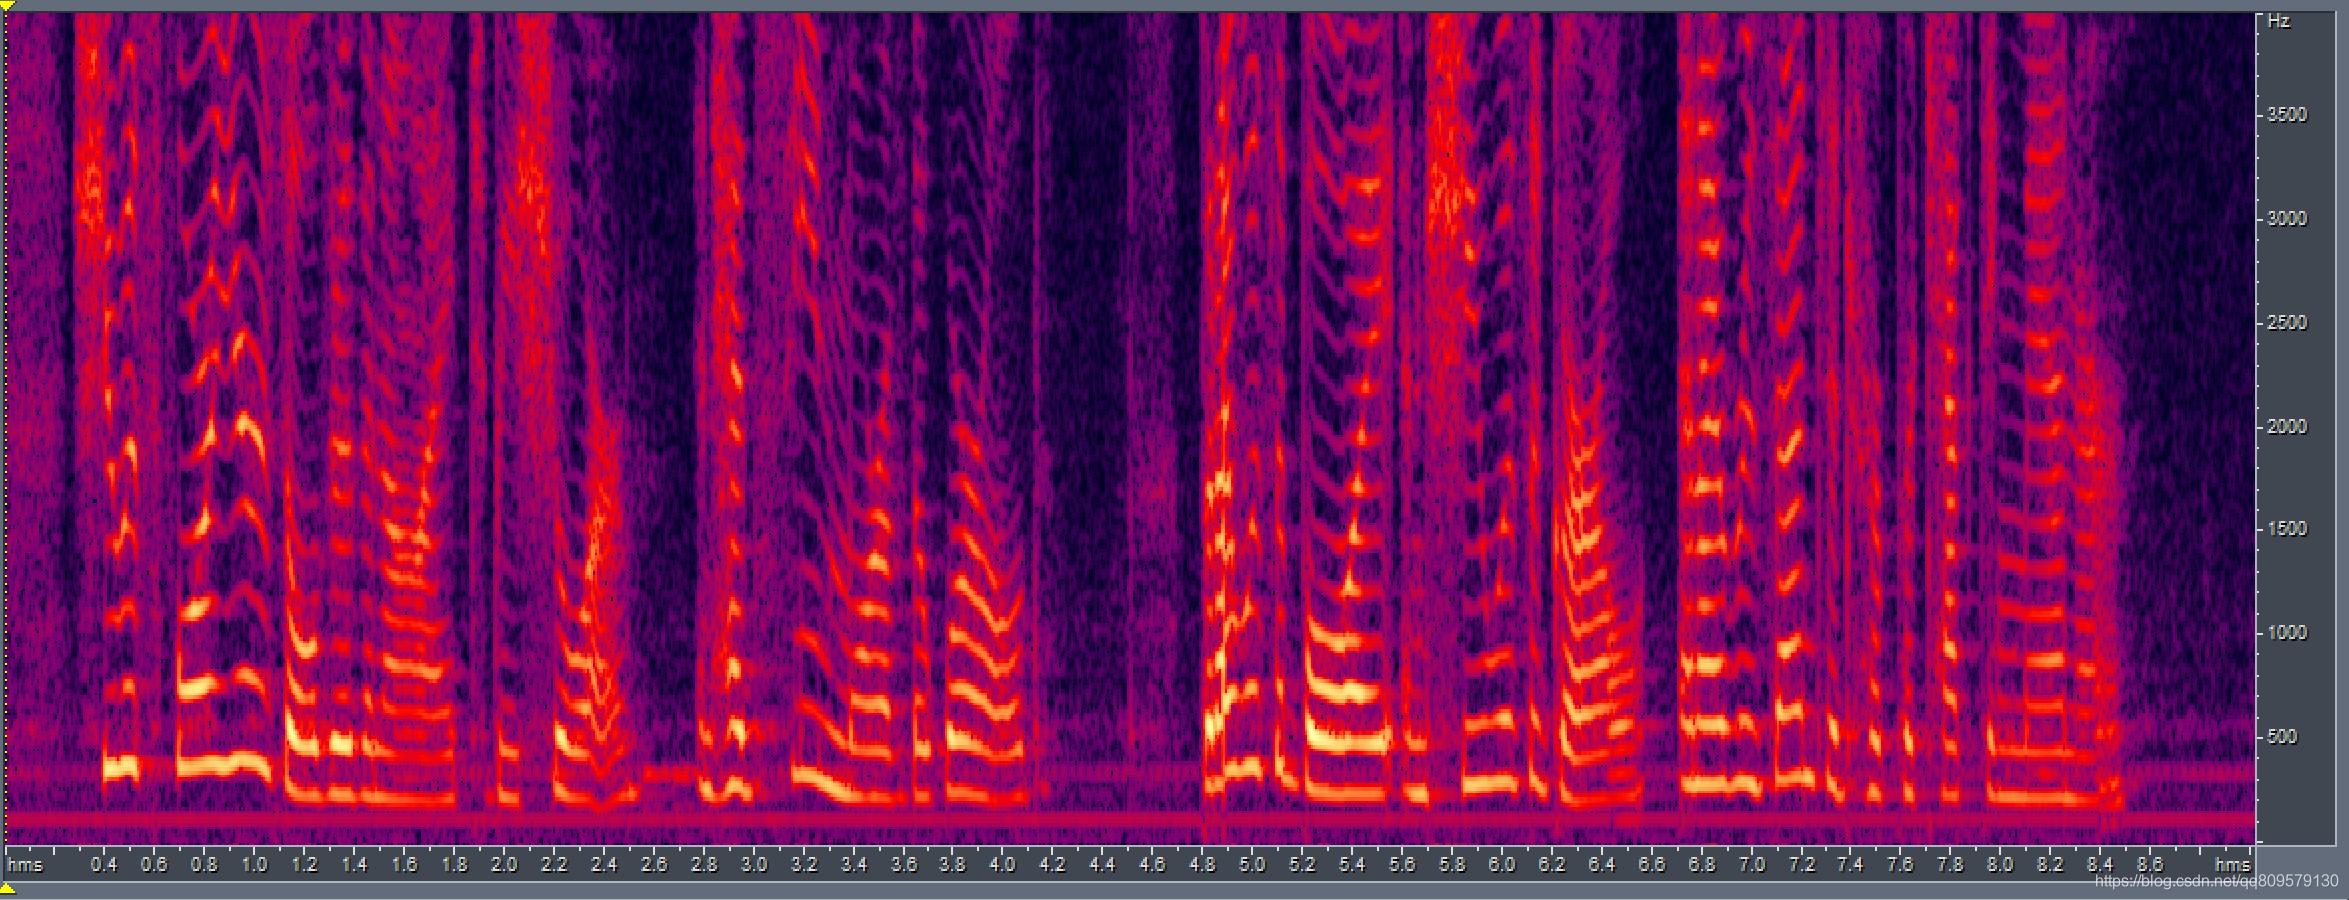 采样频率为8kHz的音频